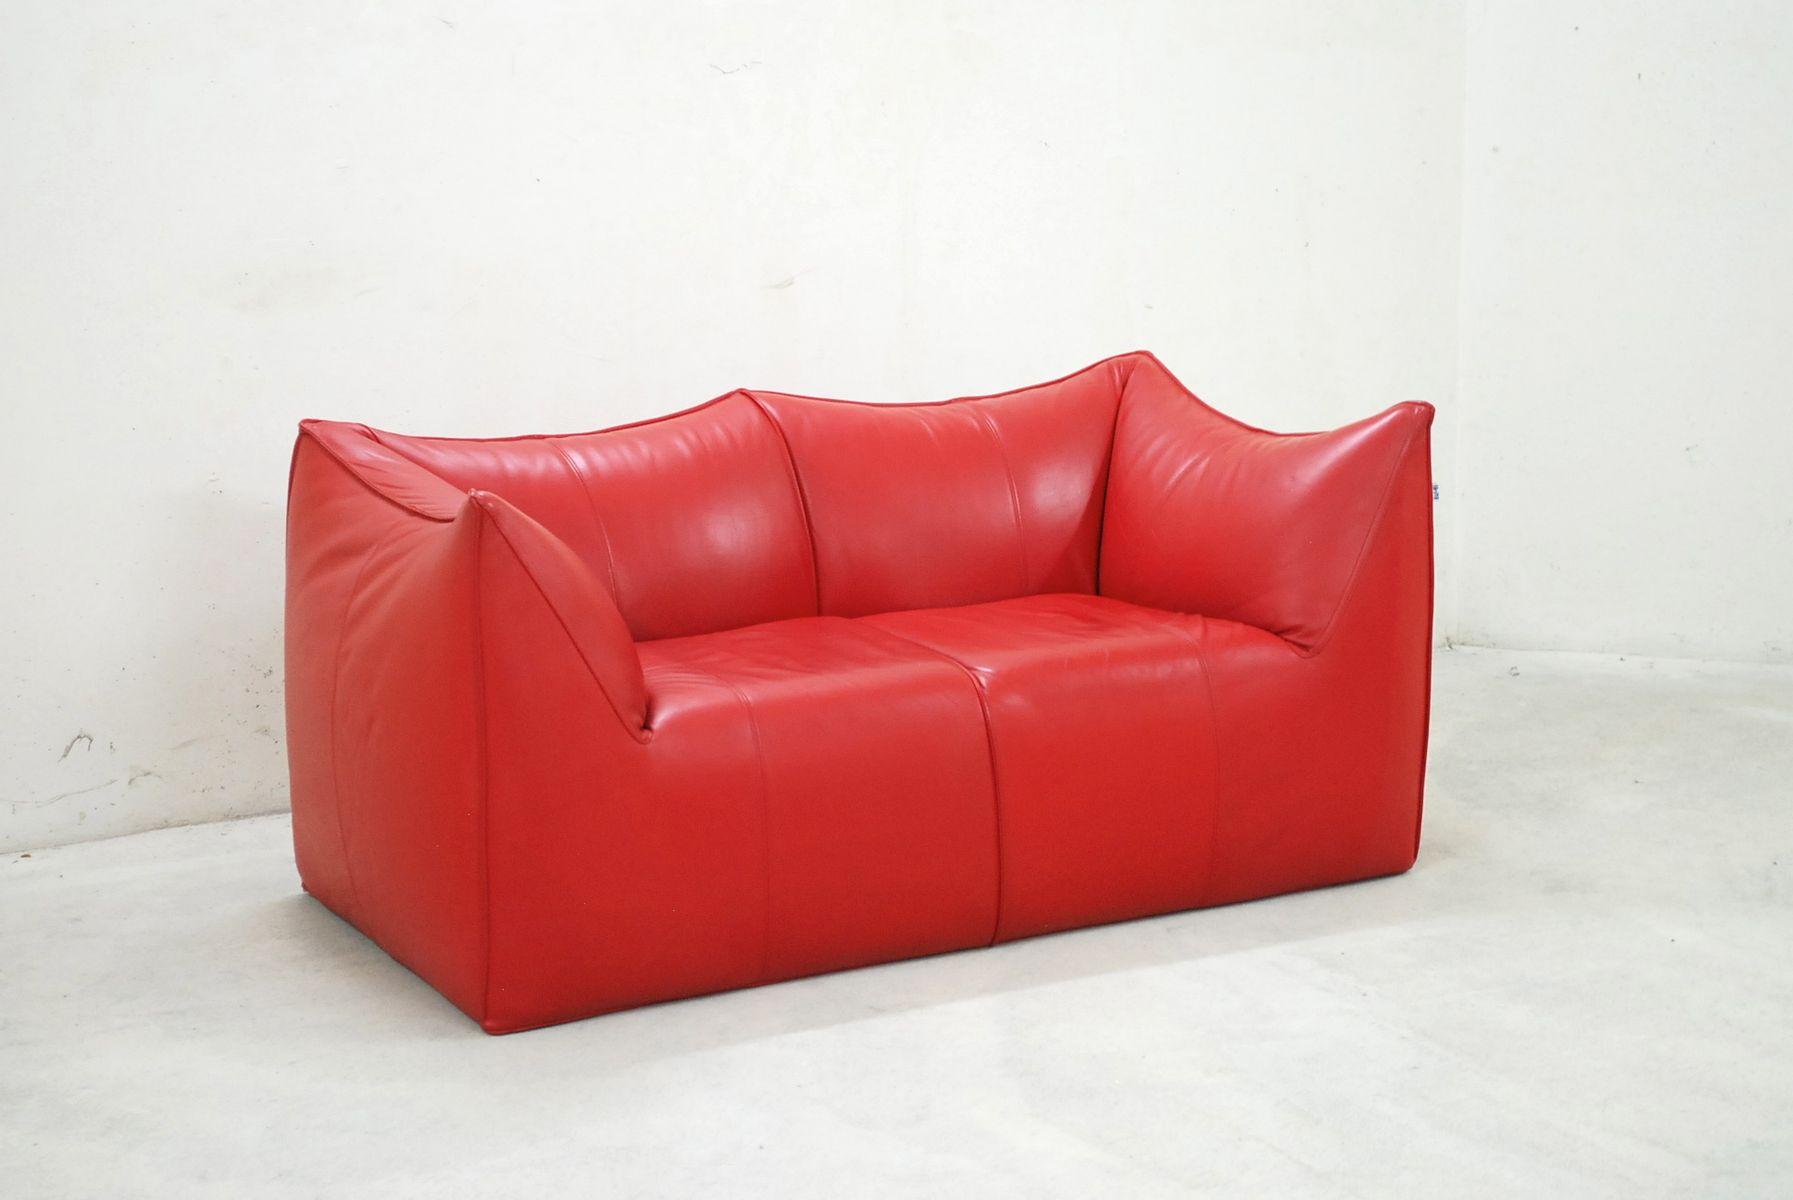 Italian Le Bambole Leather Sofa By Mario Bellini For B B Italia 1970s For Sale At Pamono